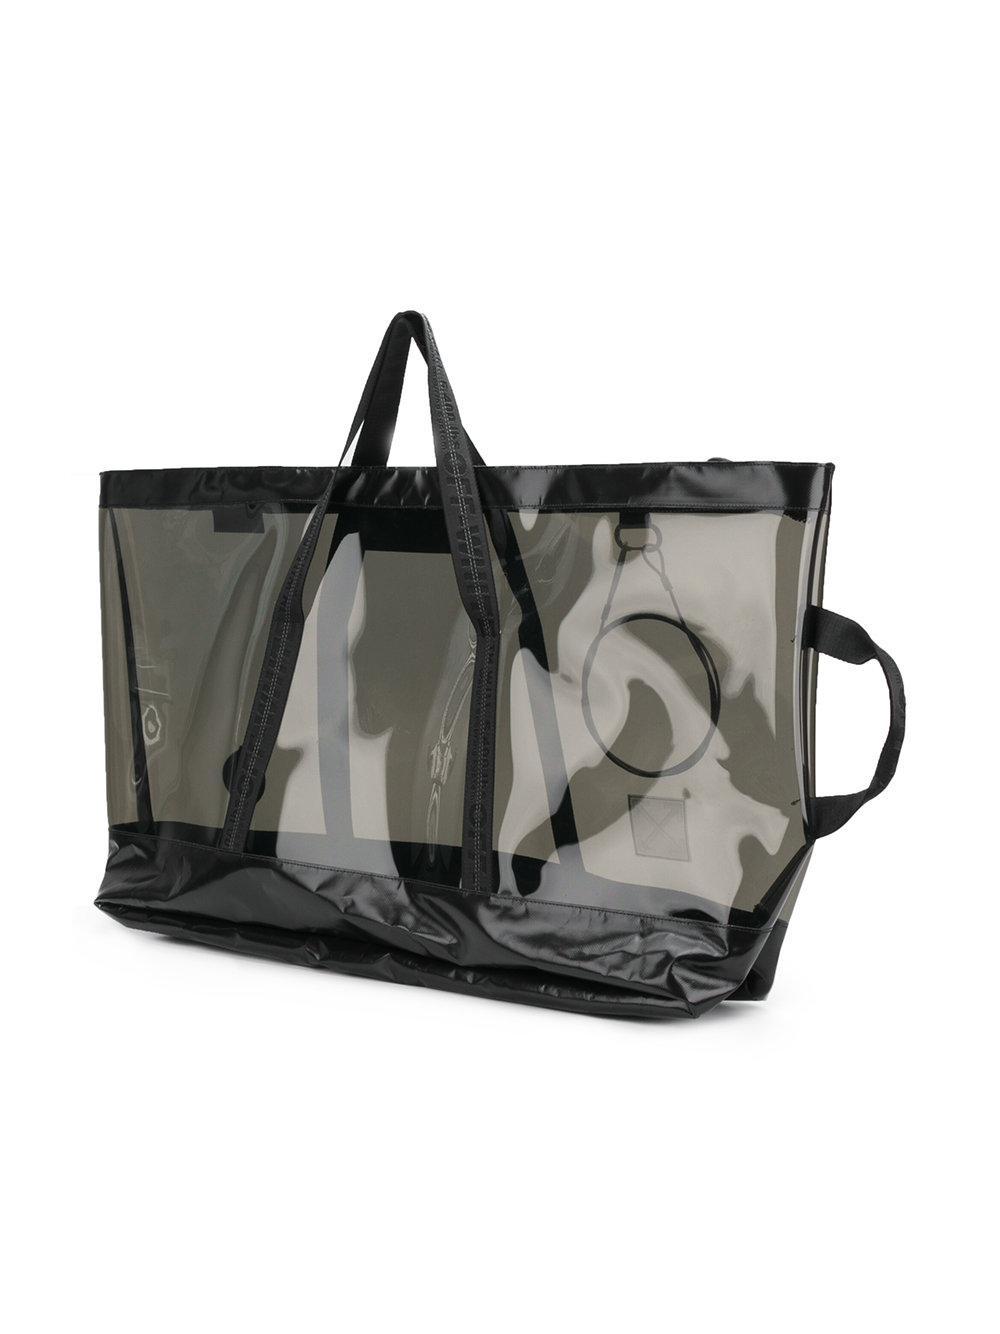 Blanc Cassé Grand Client Transparent Fourre-tout - Noir Obtenir Authentique Vente En Ligne clxT6JQ9Q1